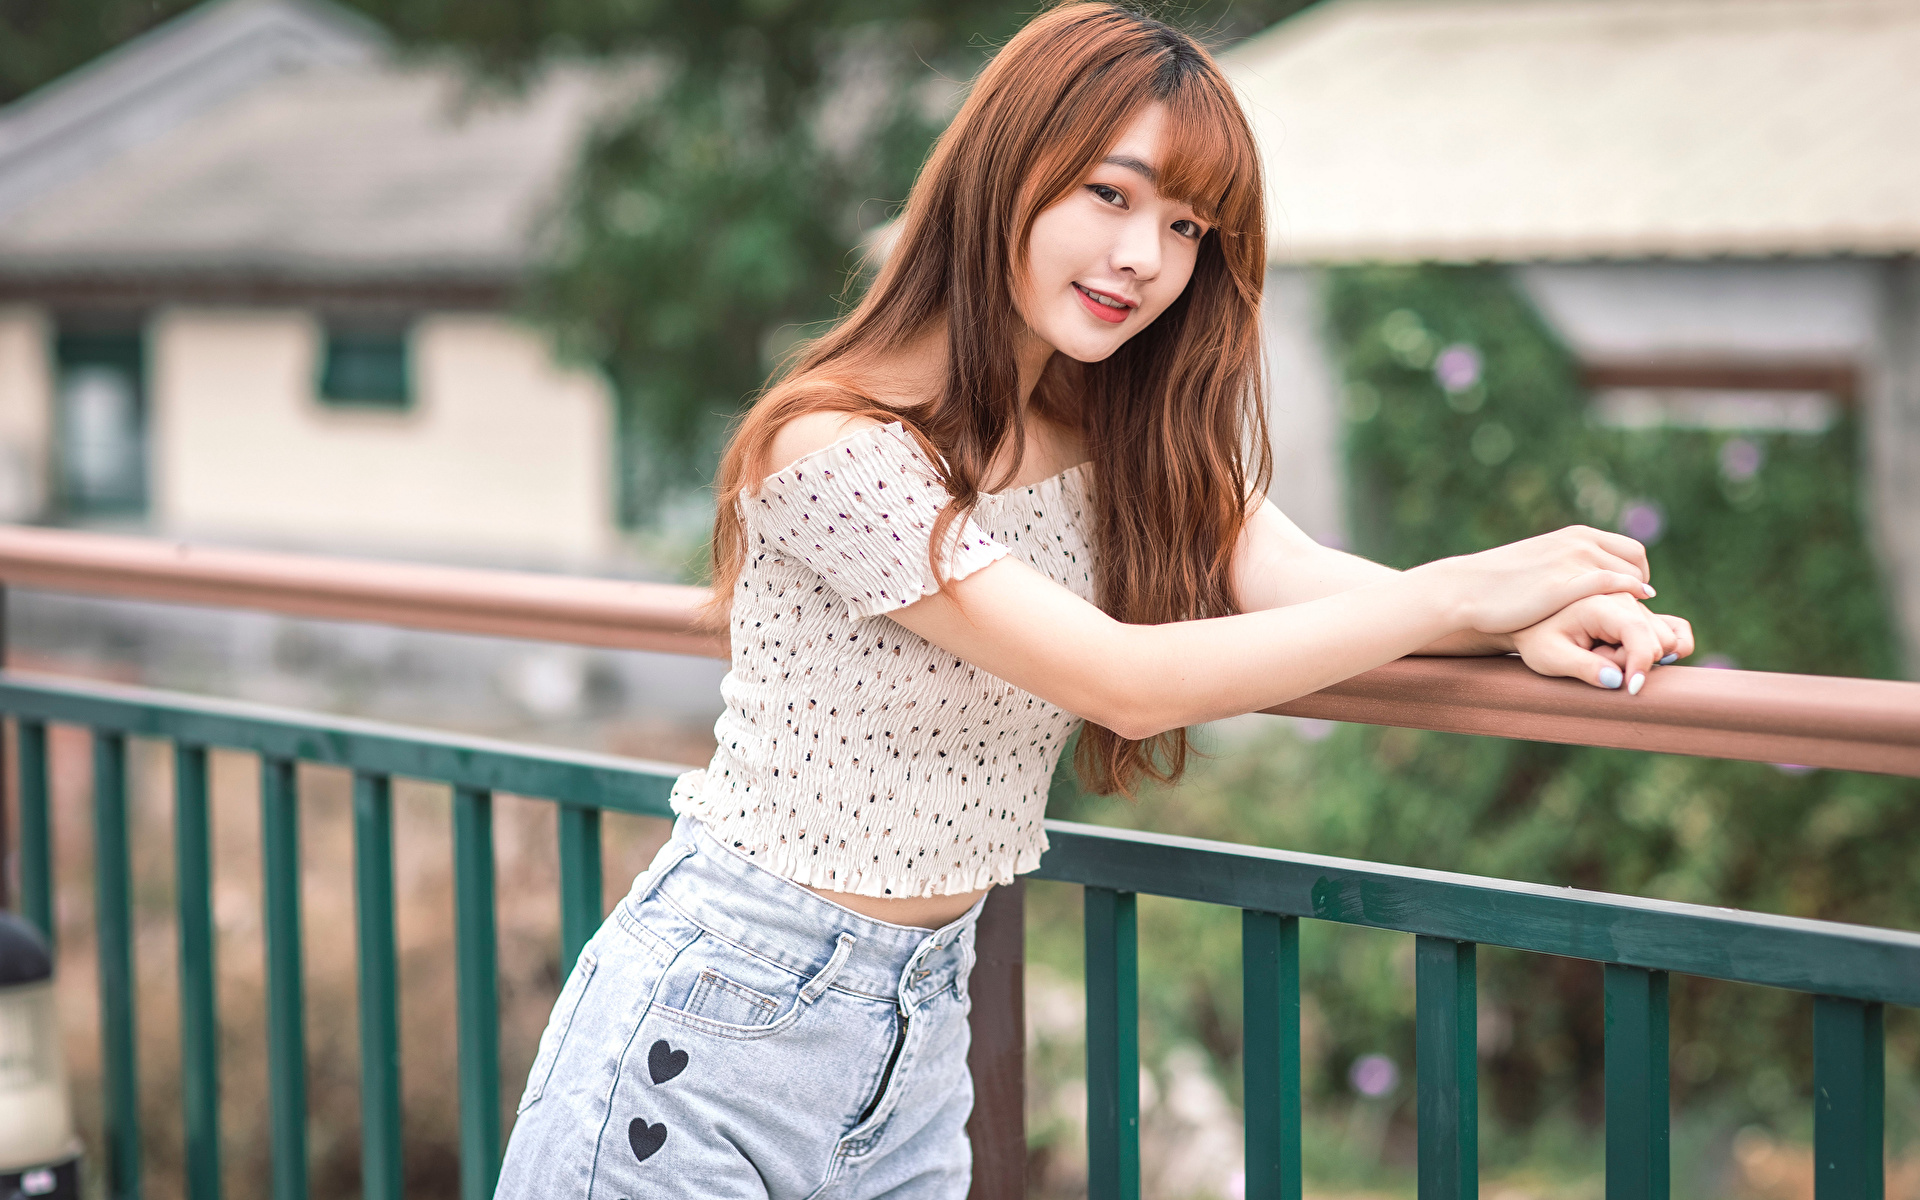 Foto Bokeh Bluse junge Frauen asiatisches Hand Blick 1920x1200 unscharfer Hintergrund Mädchens junge frau Asiaten Asiatische Starren